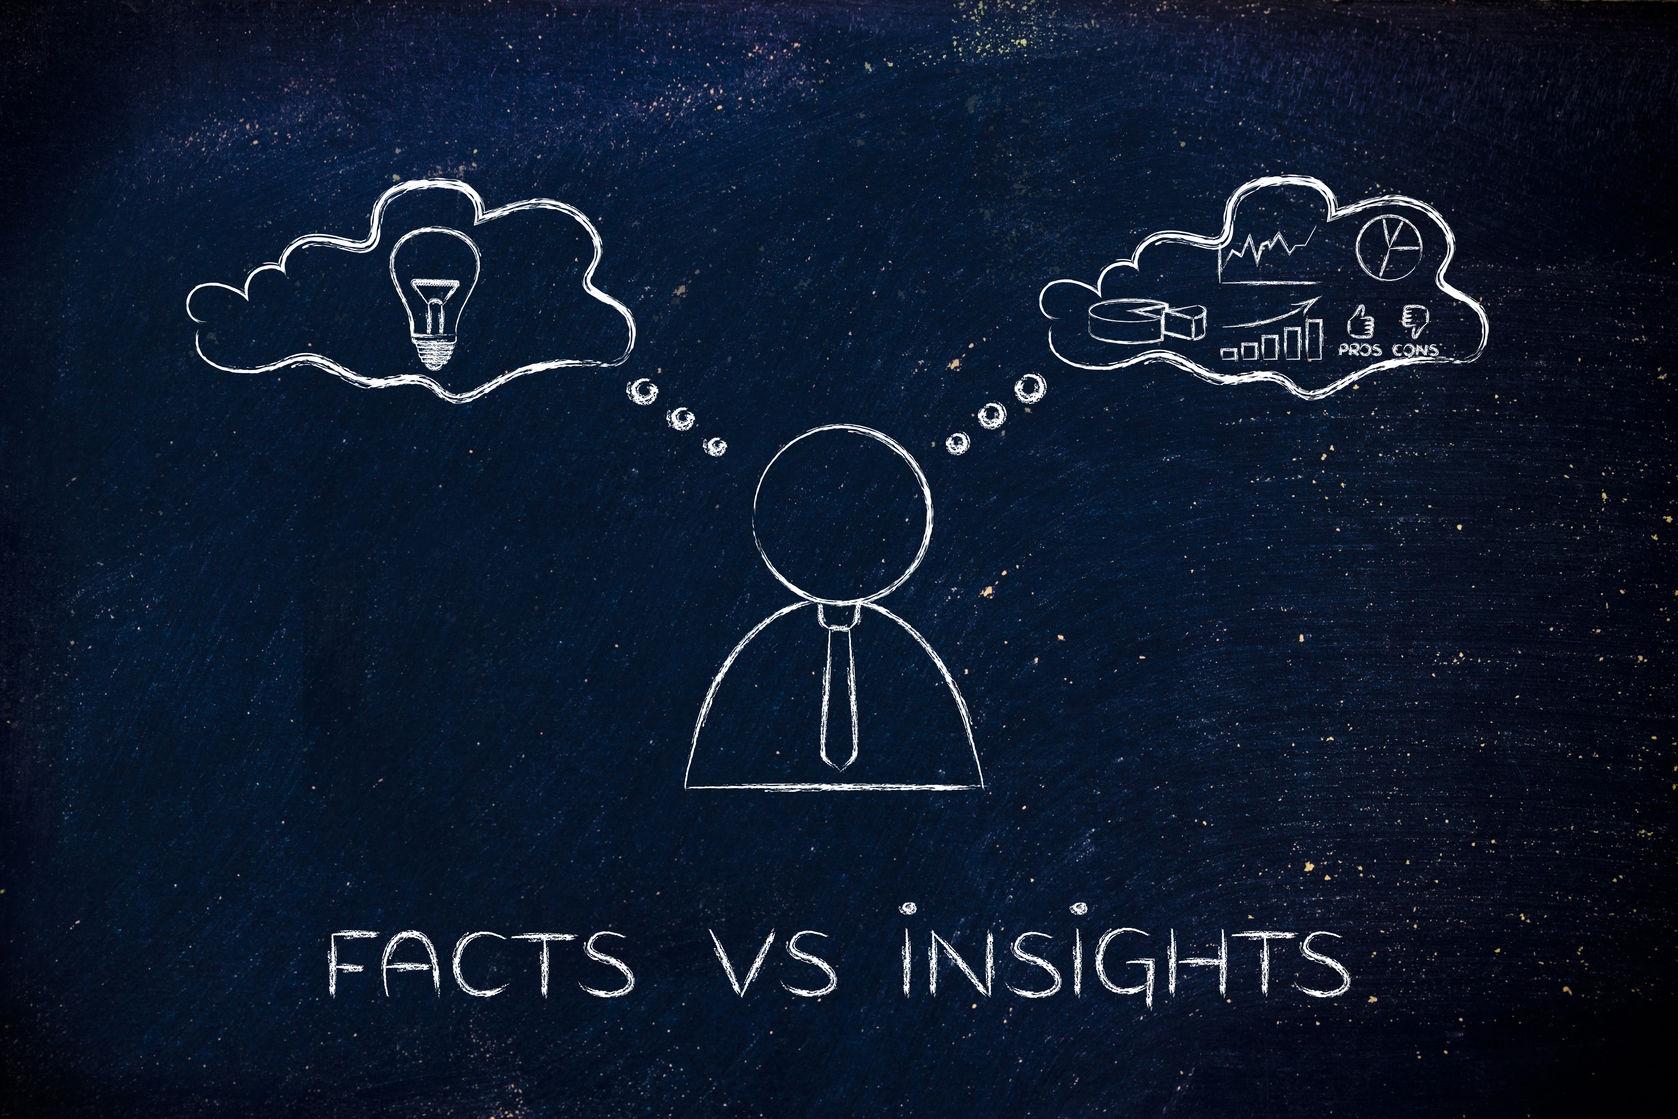 Cosa sono i consumer insights? Una definizione utile al marketing.